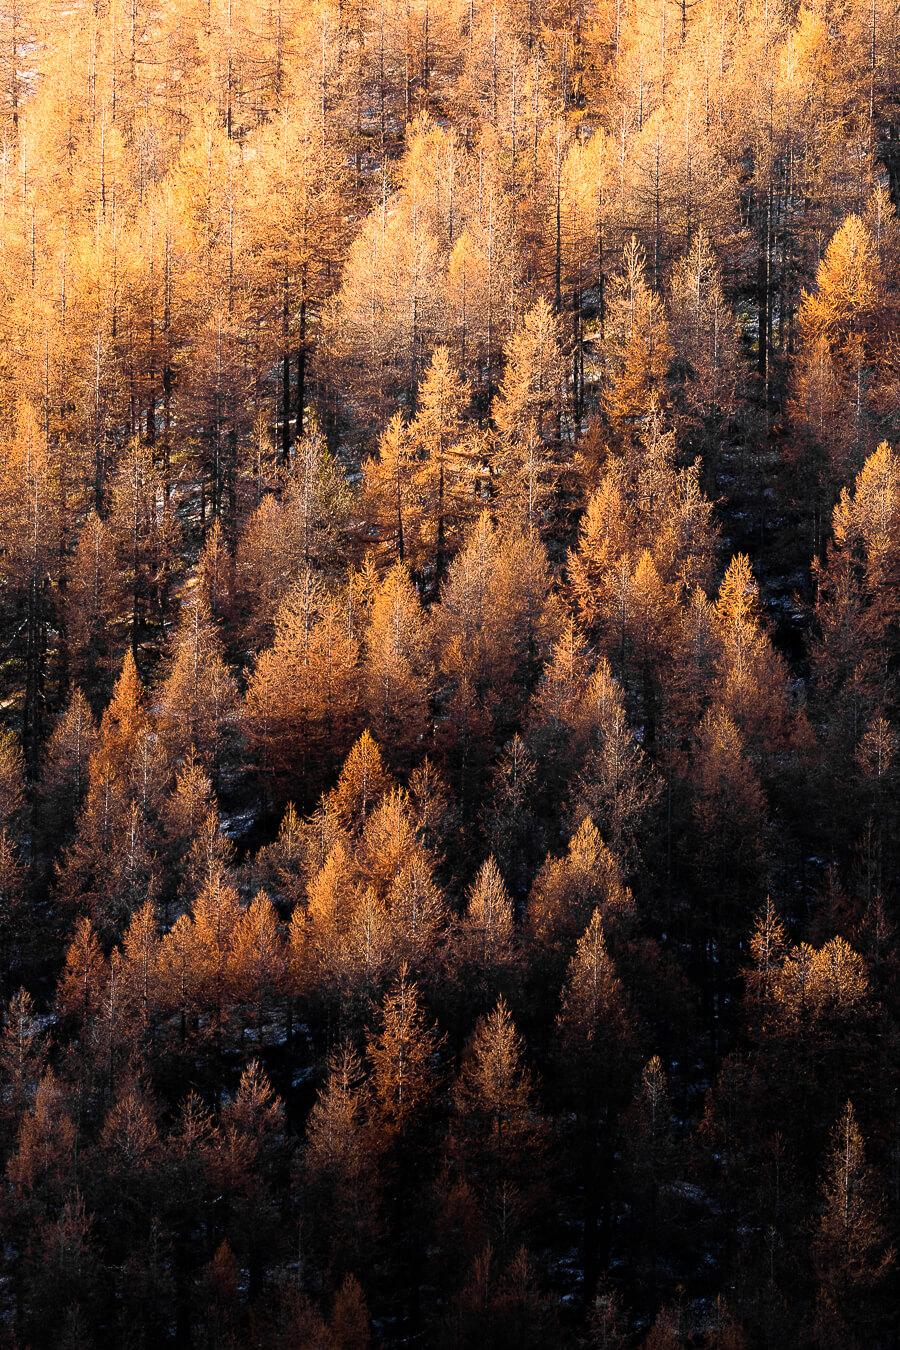 Bosco di larici all'alba - foto di Luca Eberle